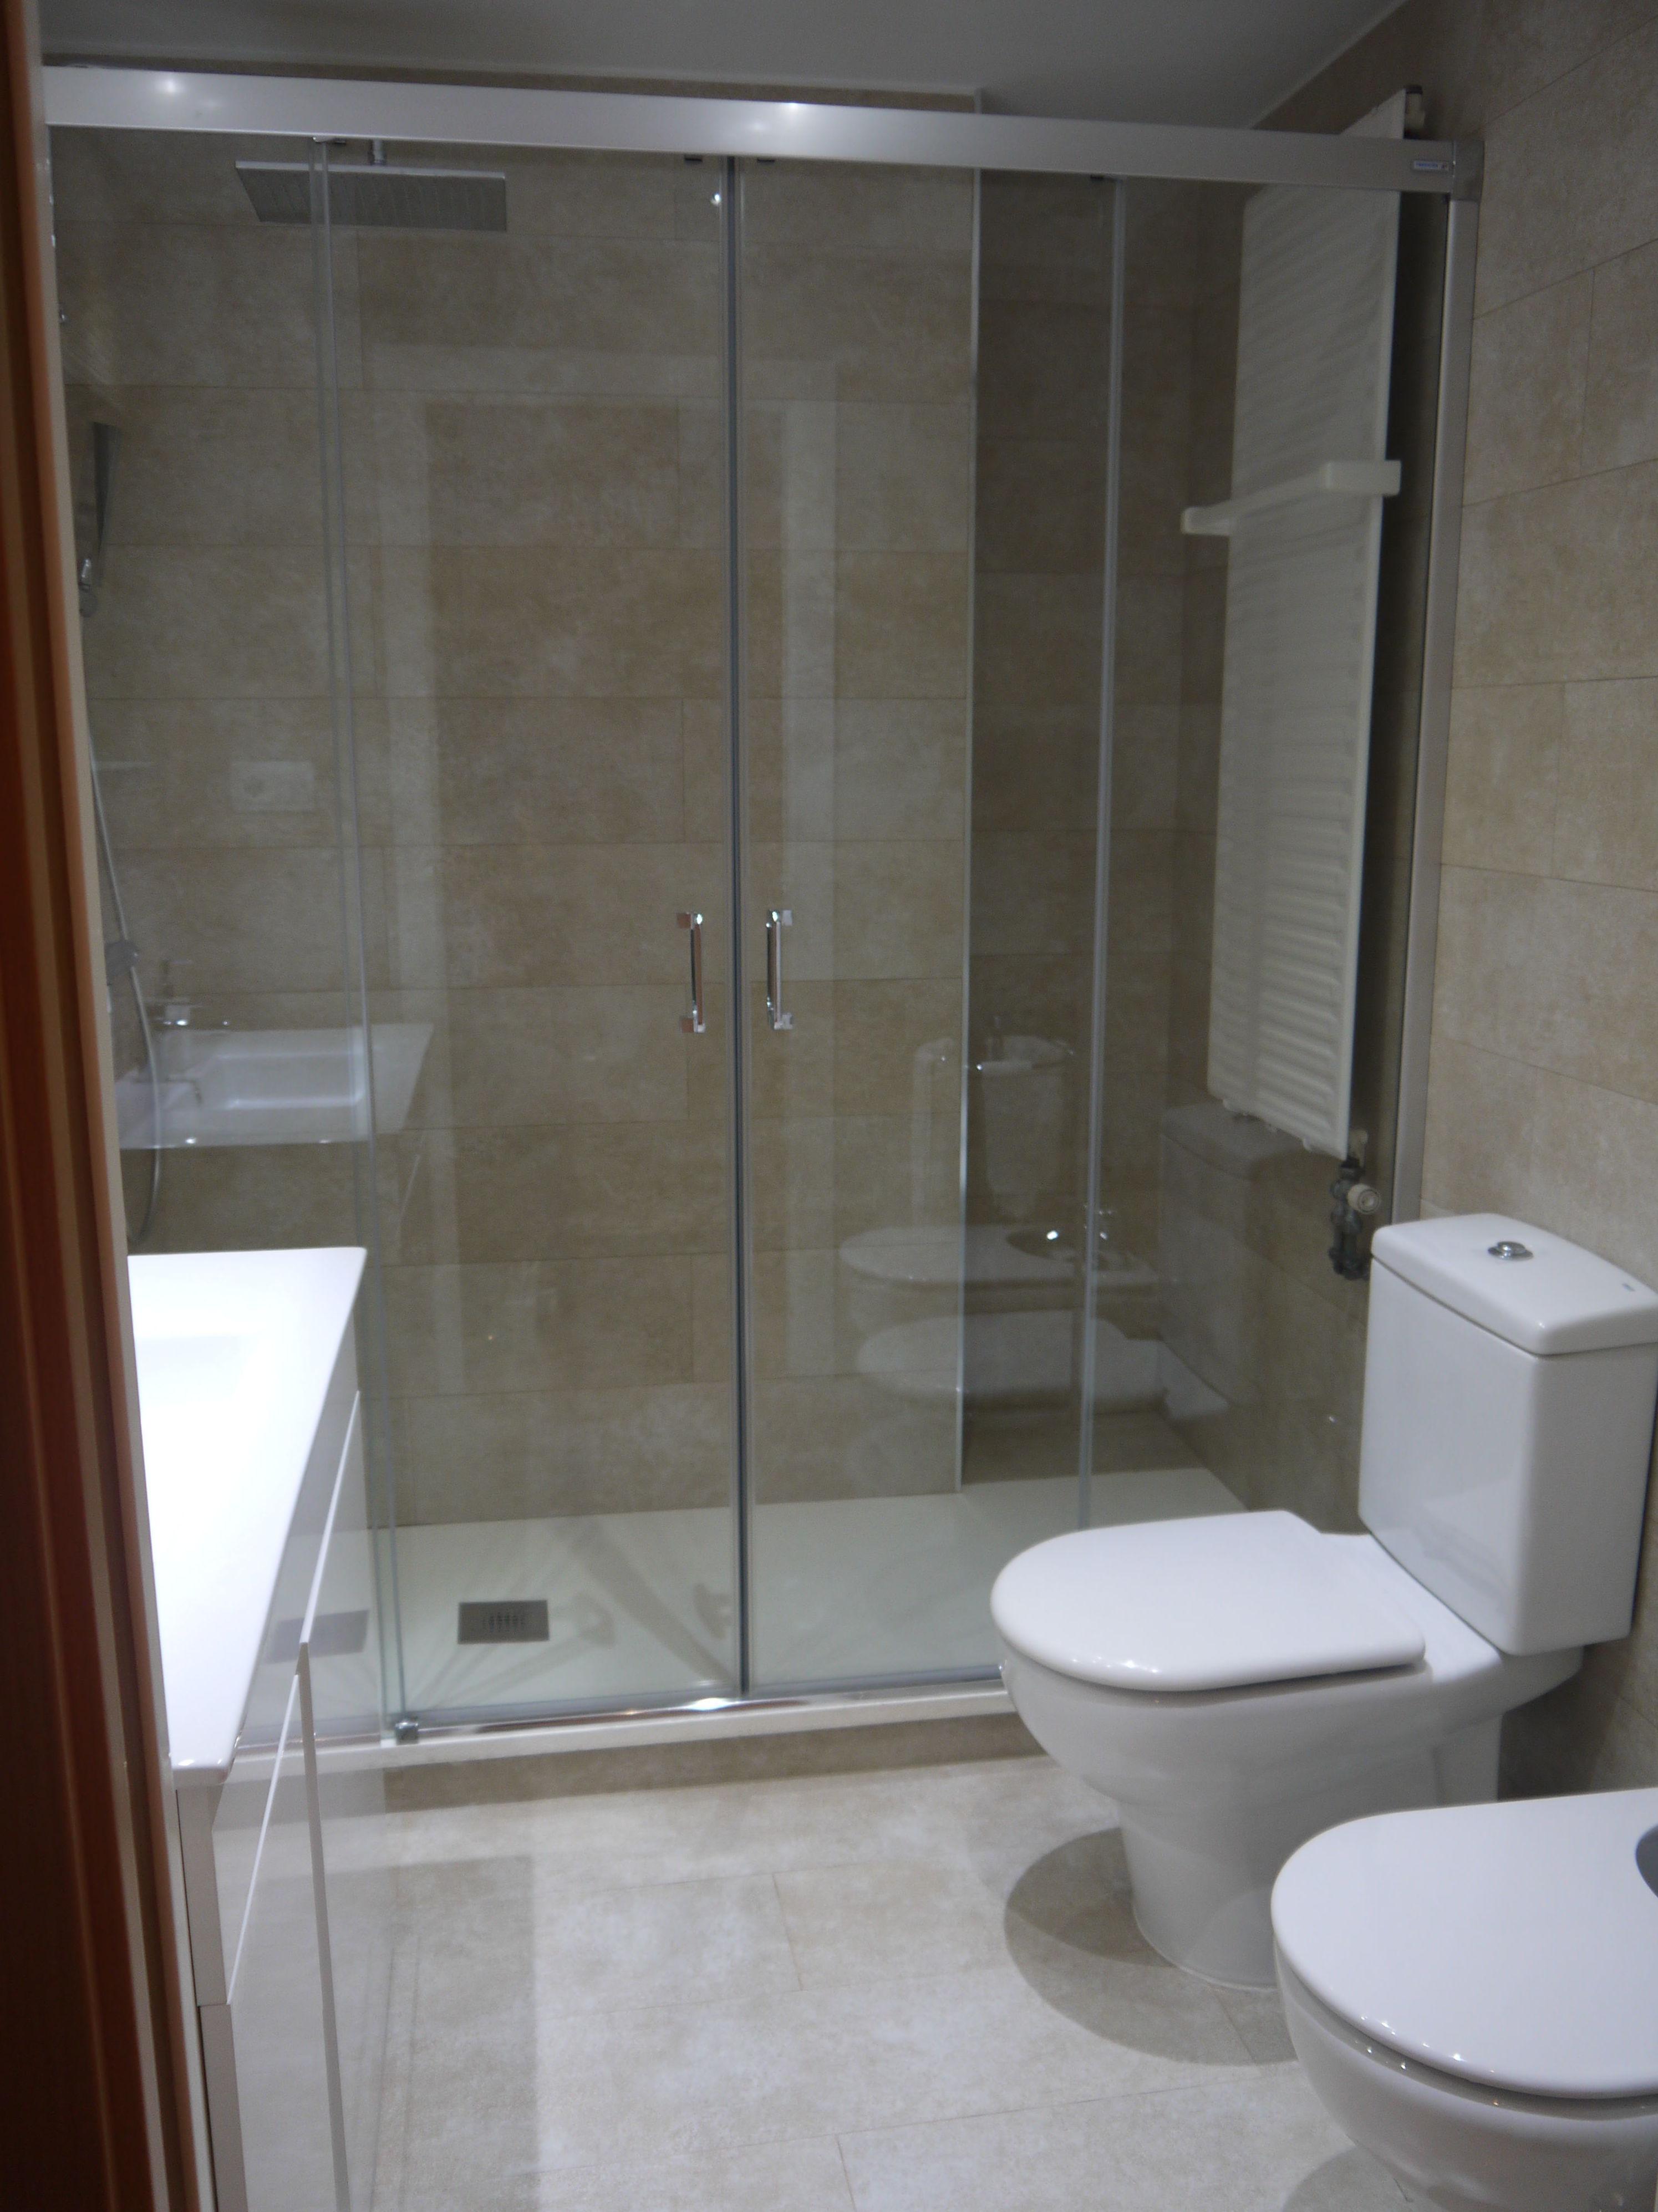 Ba os dise o con ducha casa dise o casa dise o for Diseno de cuartos de bano con ducha